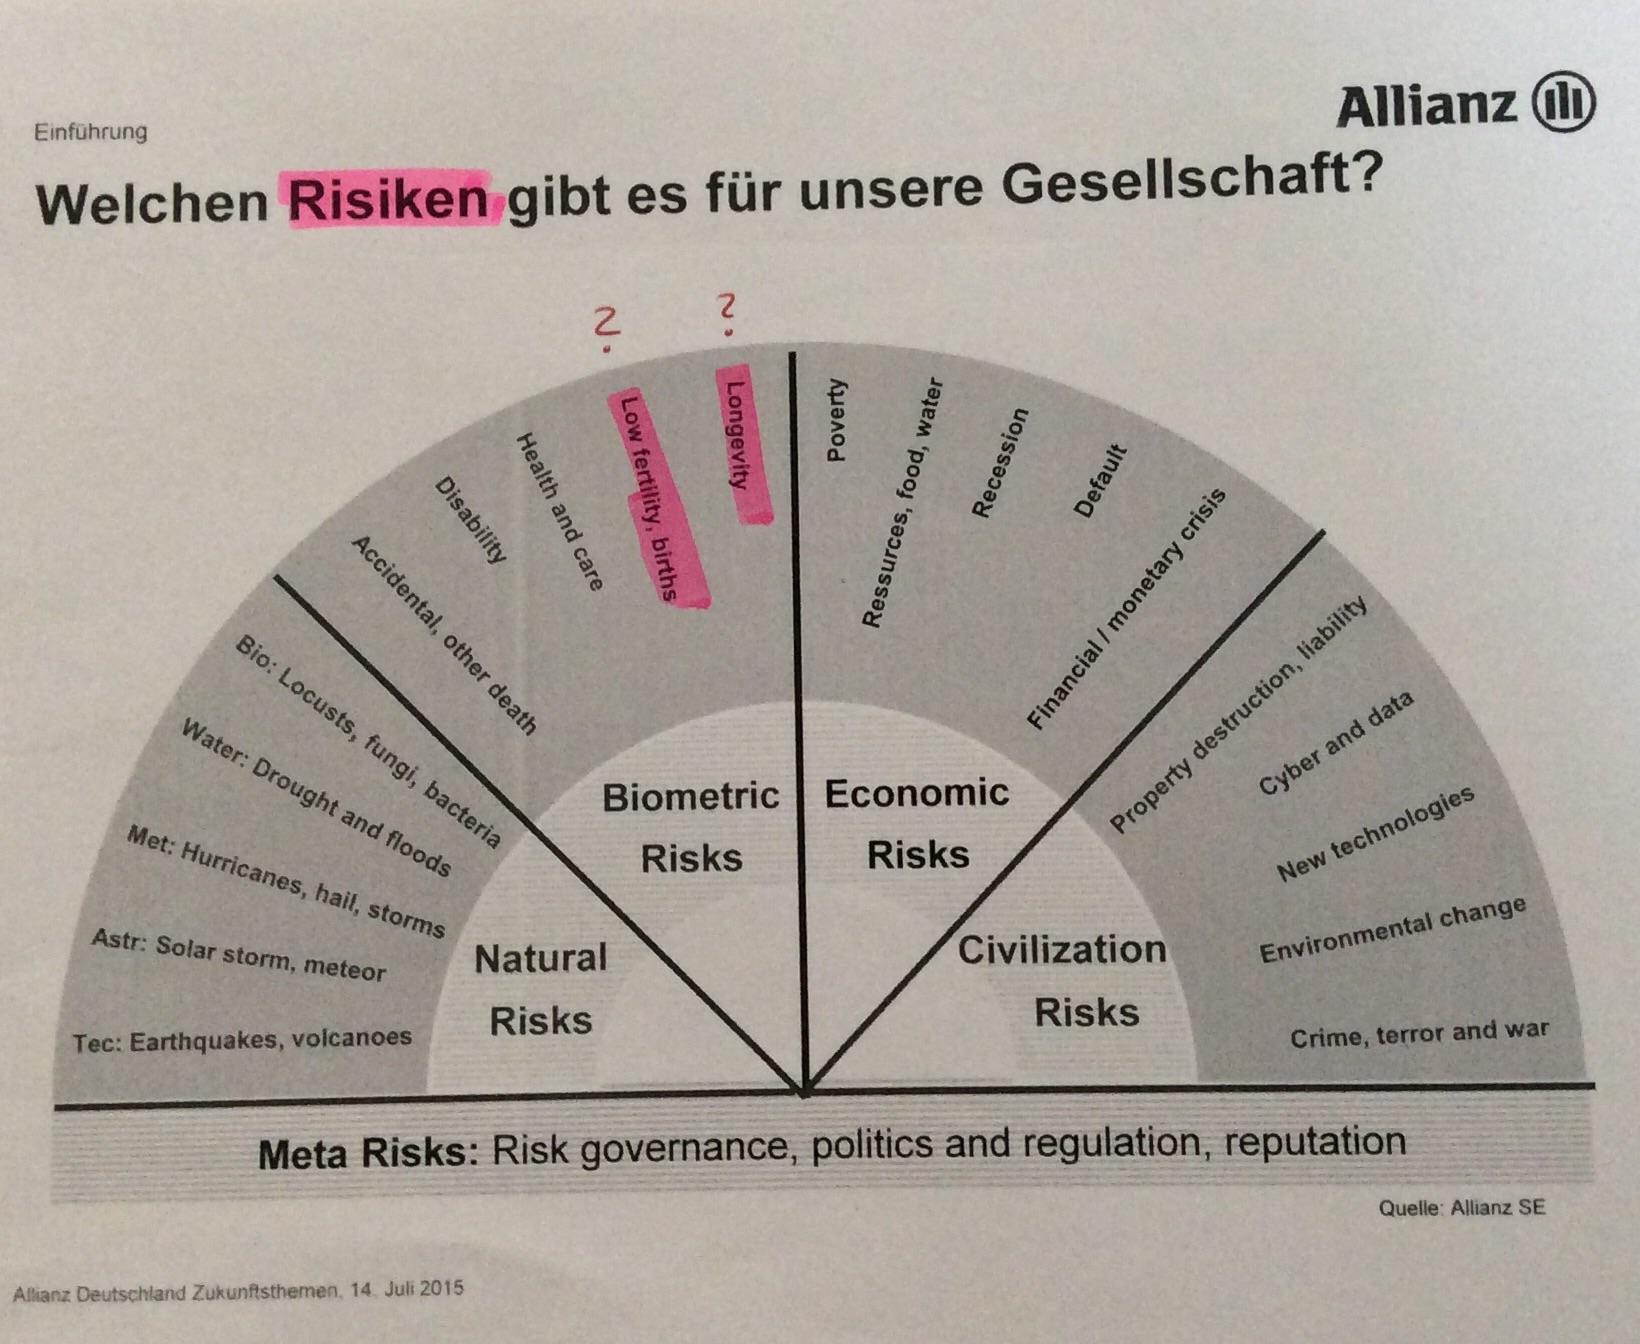 14. Juli 2015 – Allianz Zukunftsworkshop